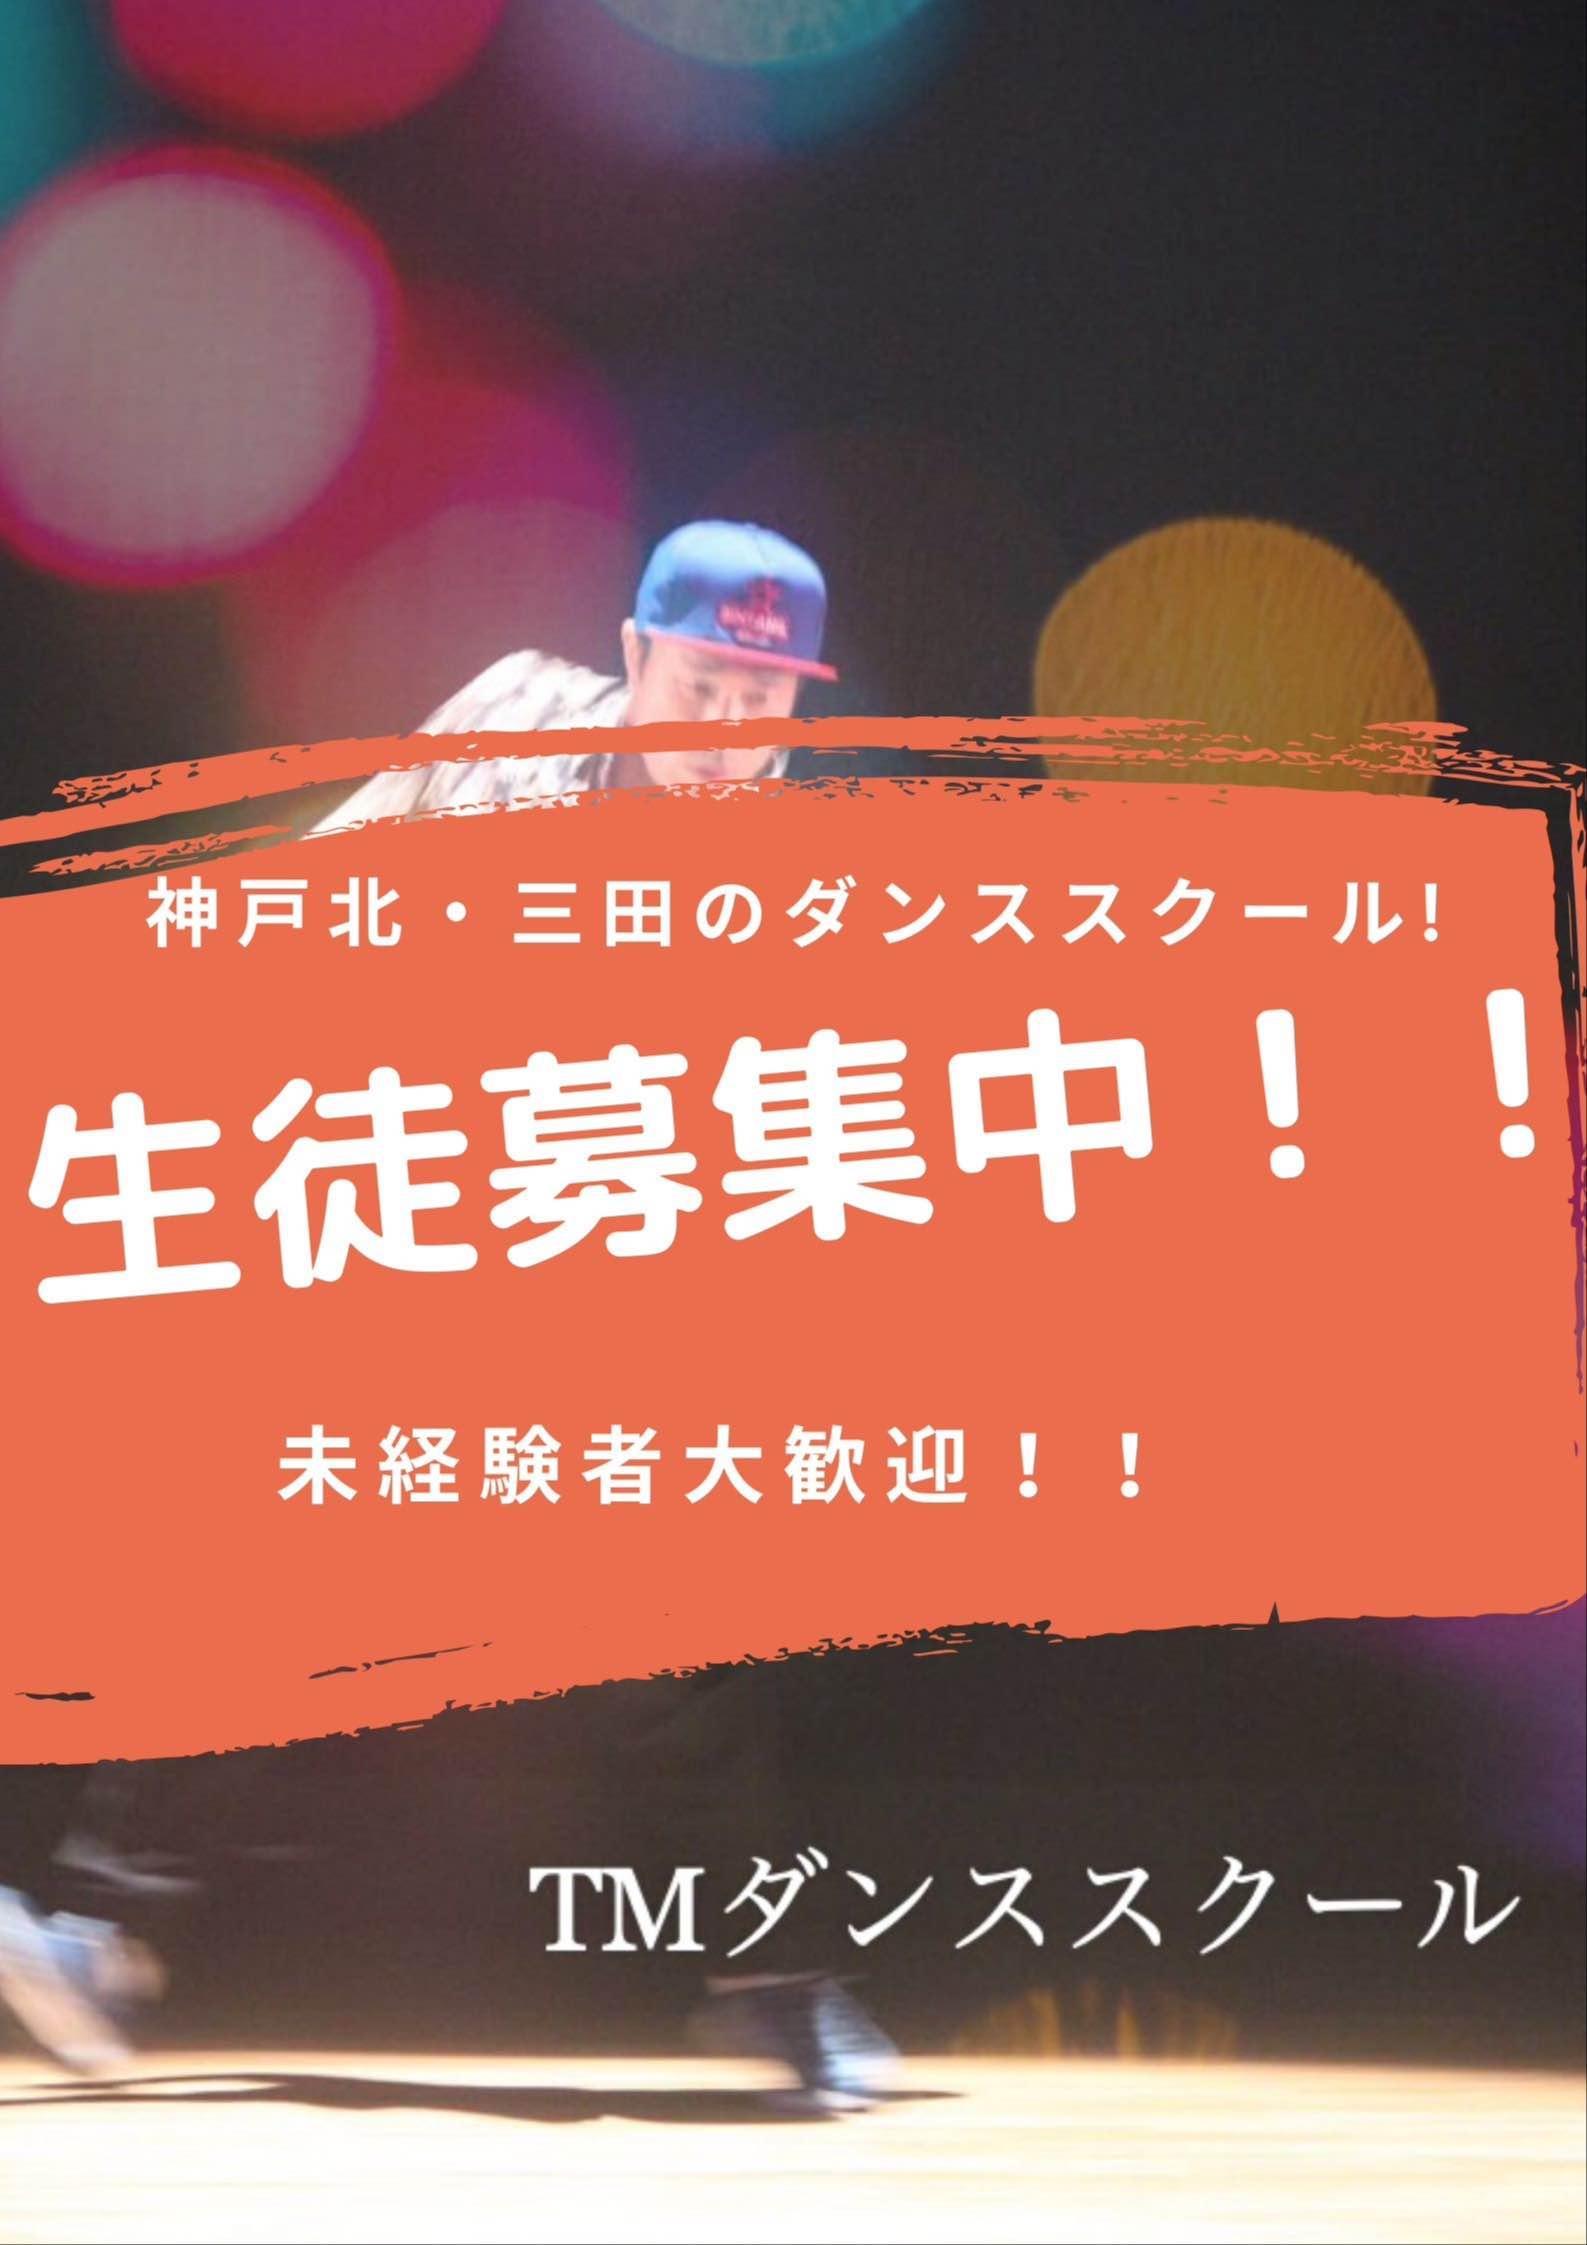 講師は現役プロダンサー!神戸市北区のダンススクールTM ダンススクール